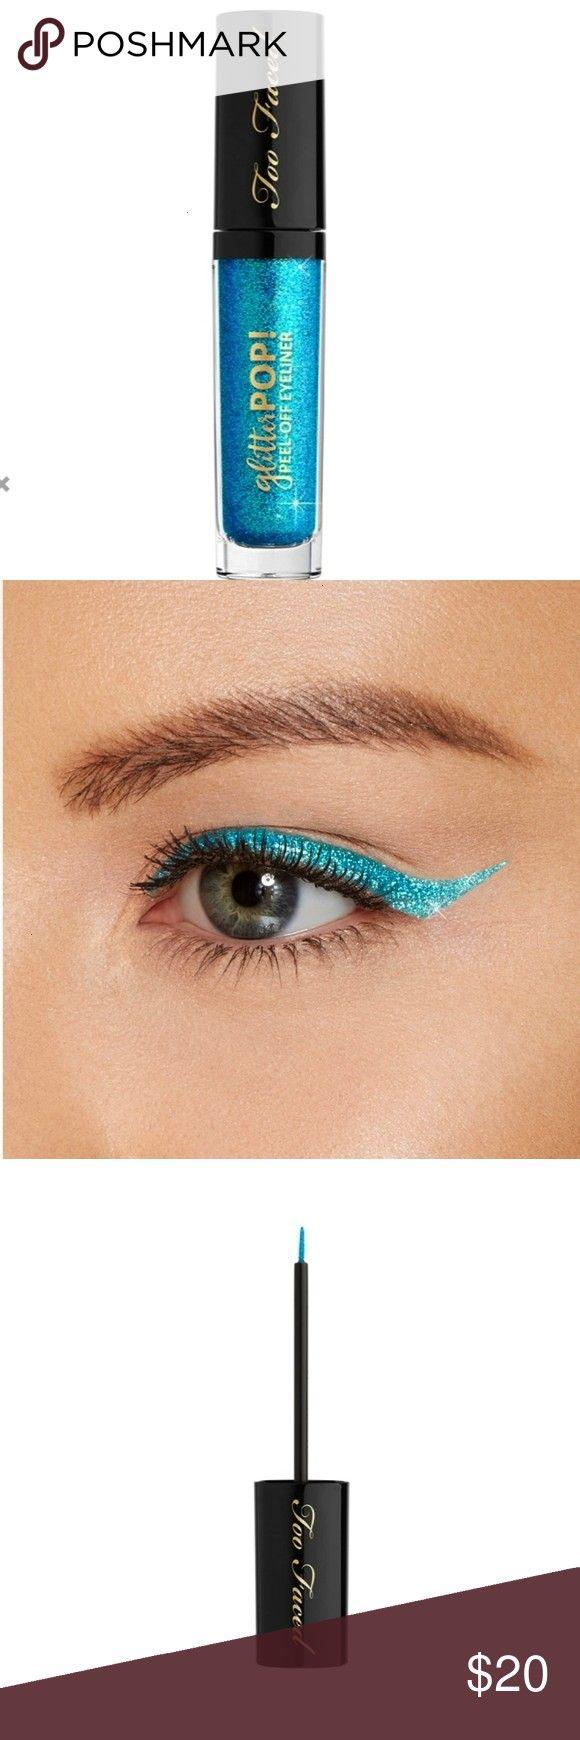 Faced Glitter Pop Peel-off Eyeliner Brand new. Liquid glitter eyeliner. Goof-proof application. Eas